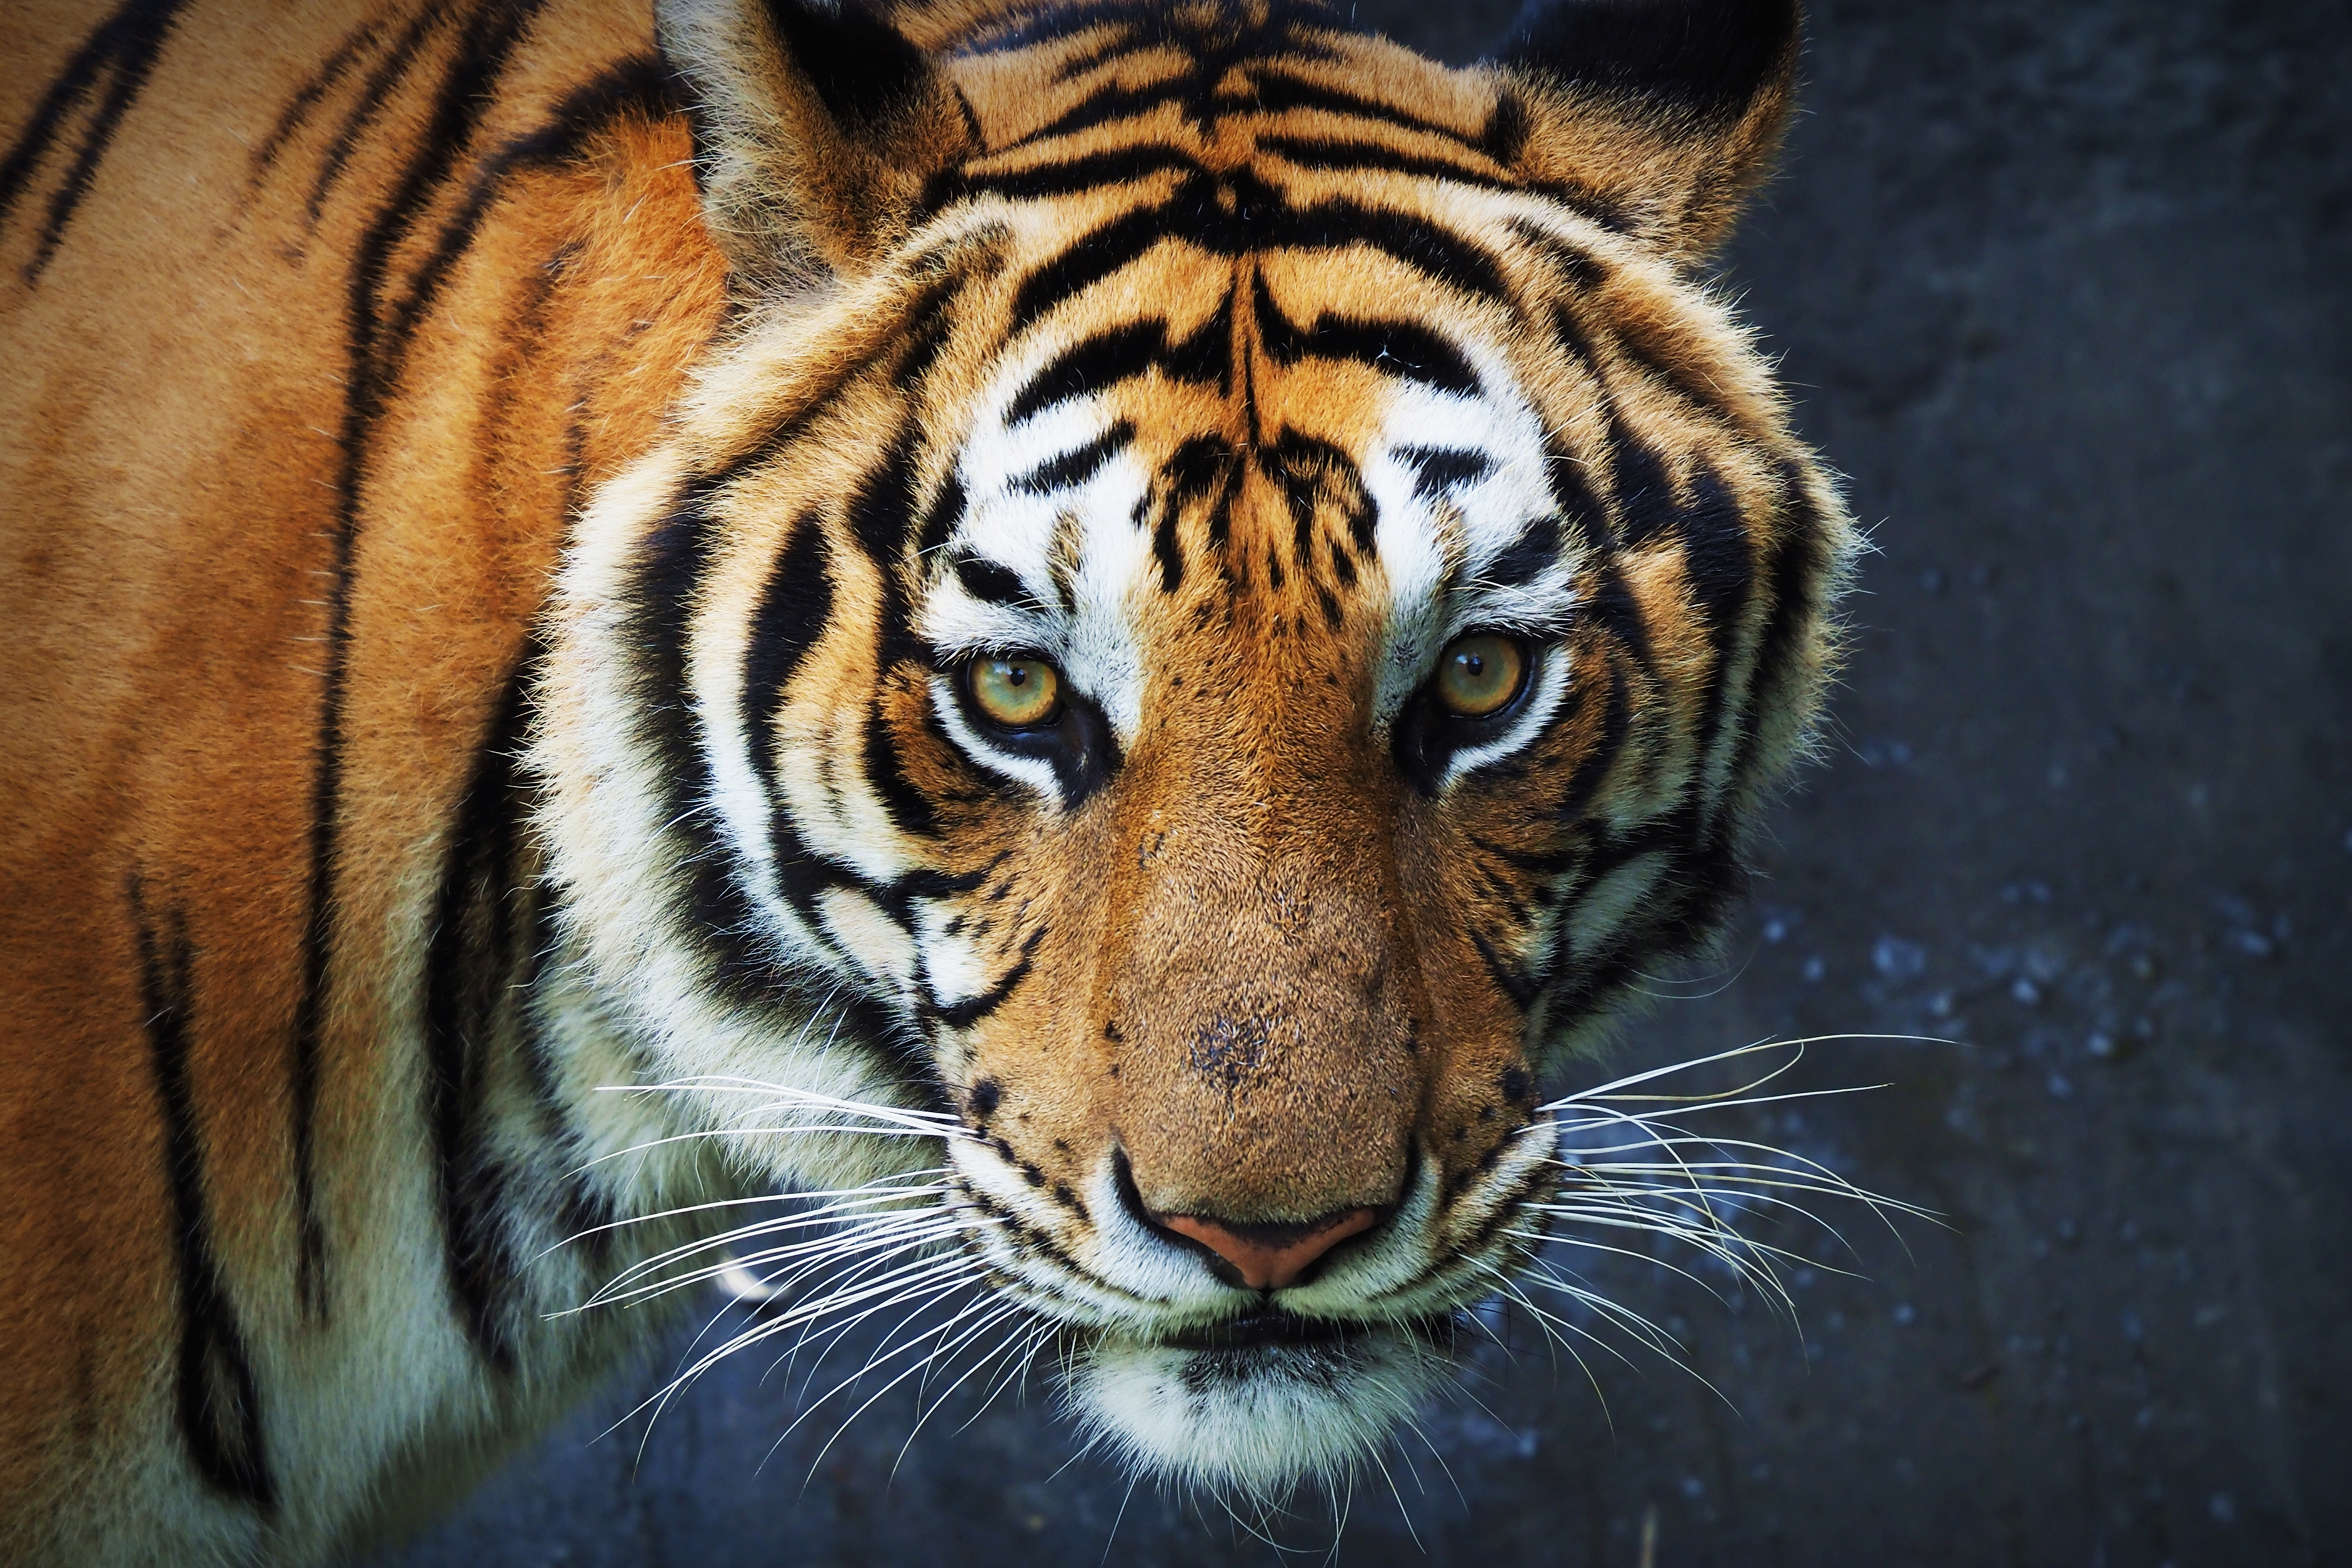 Tiger large image